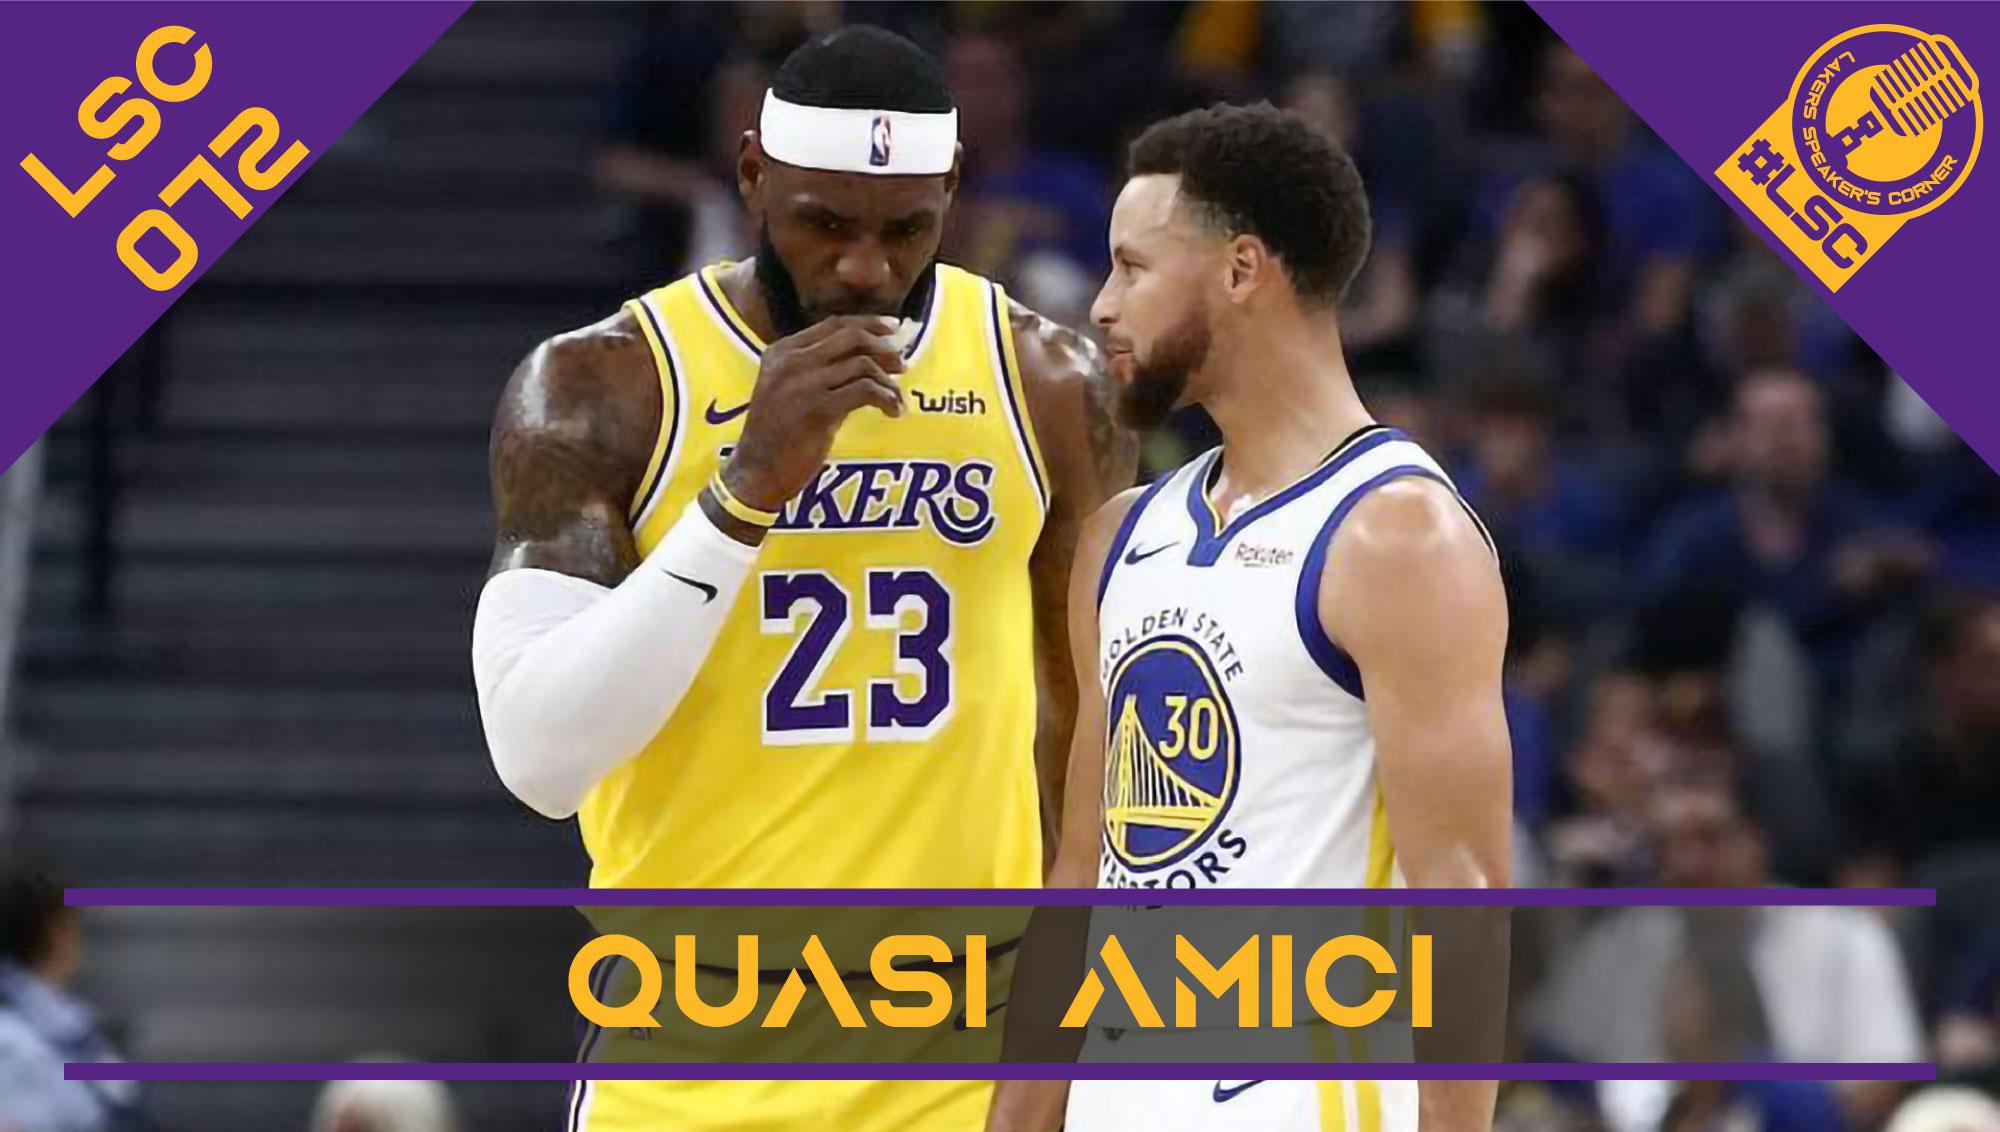 Le ultime partite di regular season e la preview del play-in tra Lakers e Warriors, con un focus sulla possibile strategia difensiva gialloviola su Steph Curry.